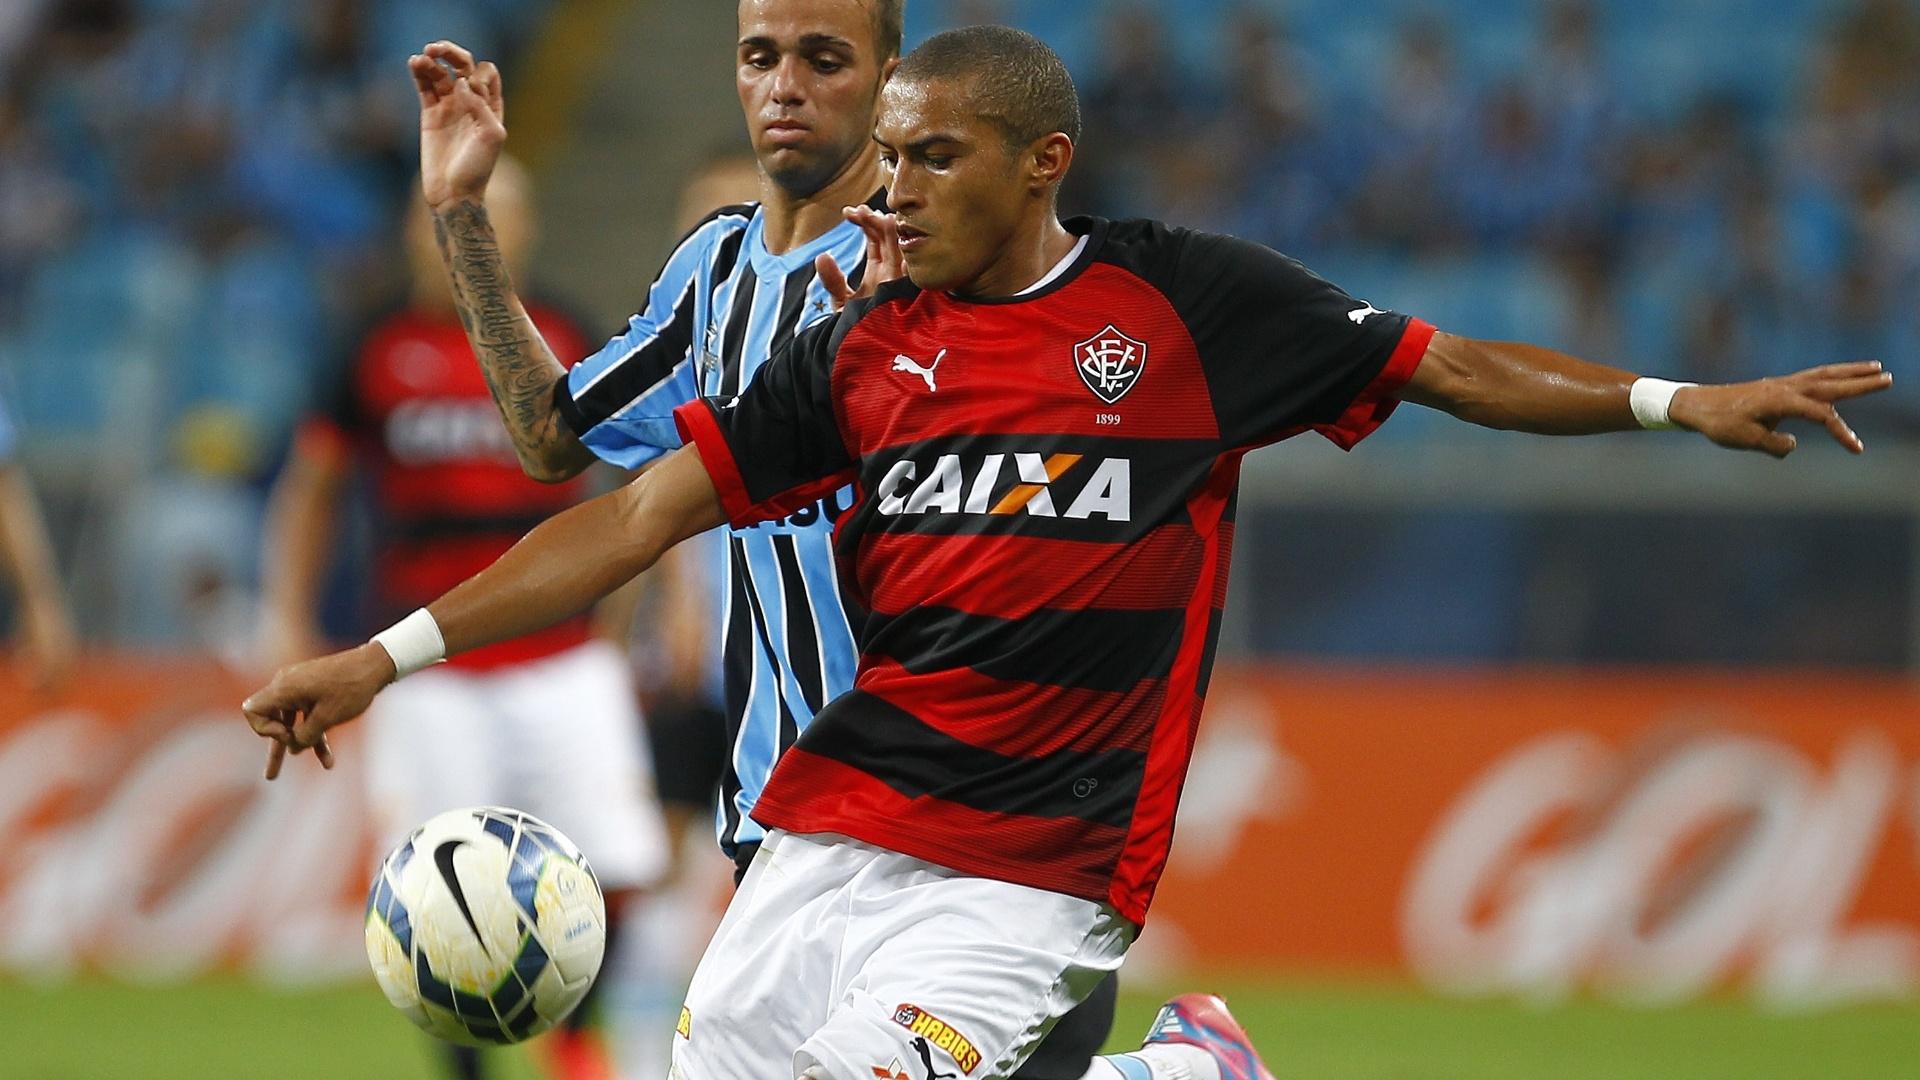 Nino Paraíba tenta sair jogando enquanto Luan o marca na partida entre Grêmio e Vitória